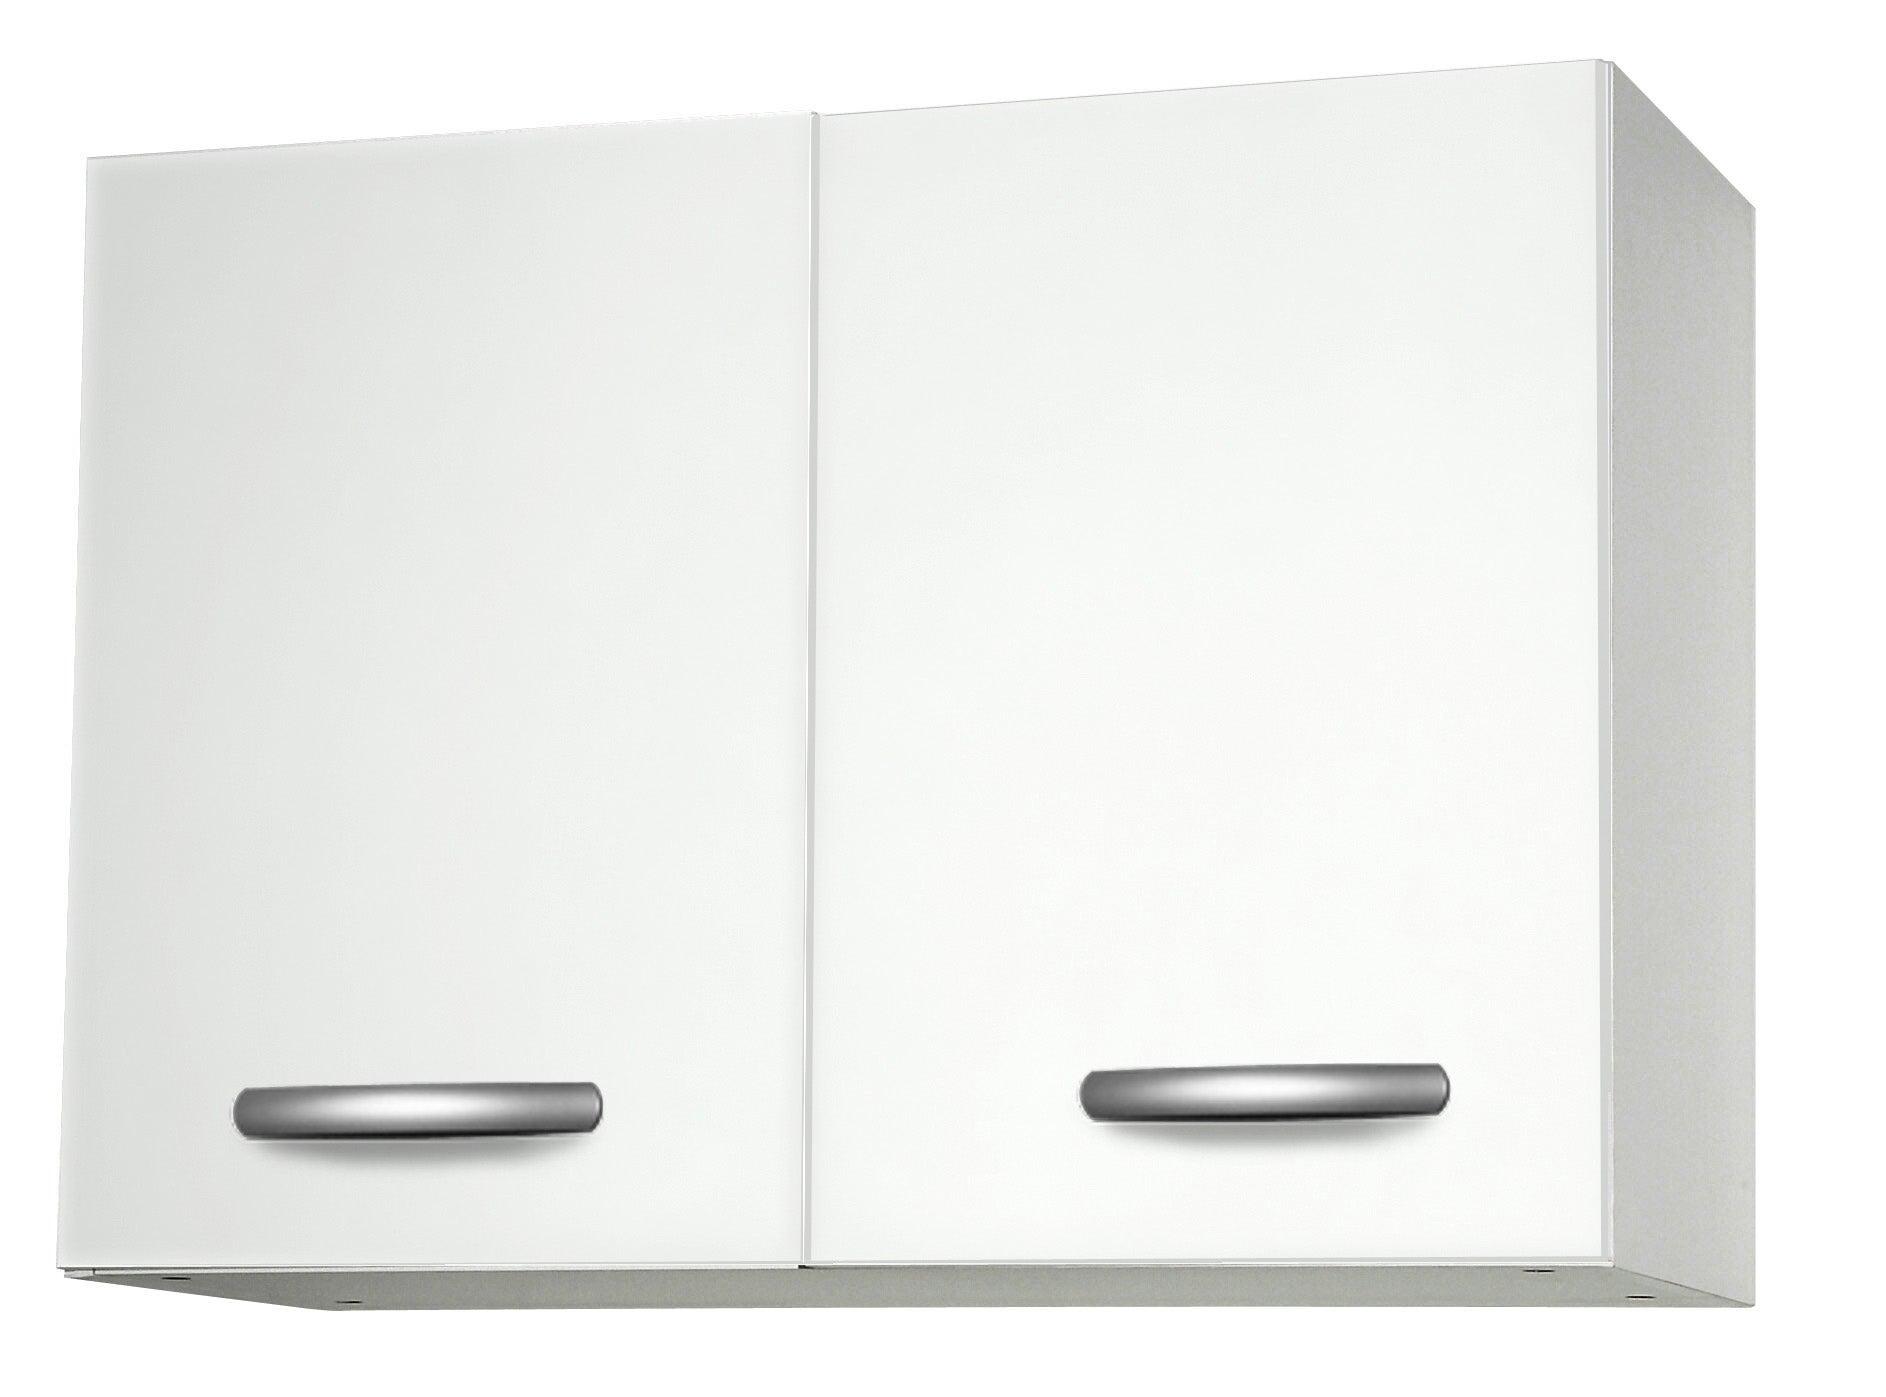 Meuble de cuisine haut 10 portes, blanc, h10.10x l10x p10.10cm